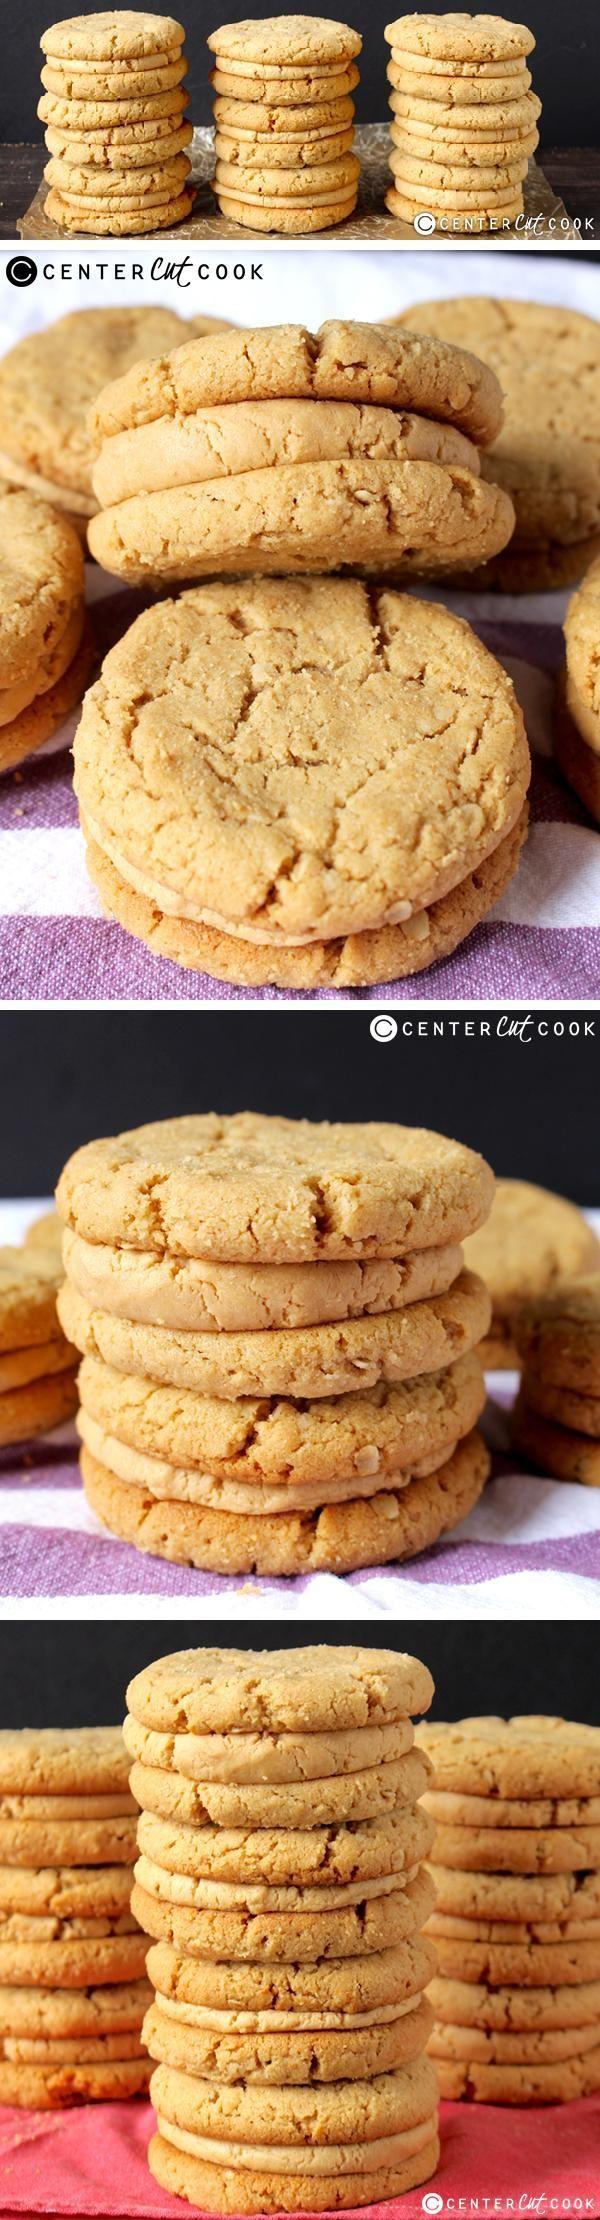 Acheter des biscuits de scout de fille